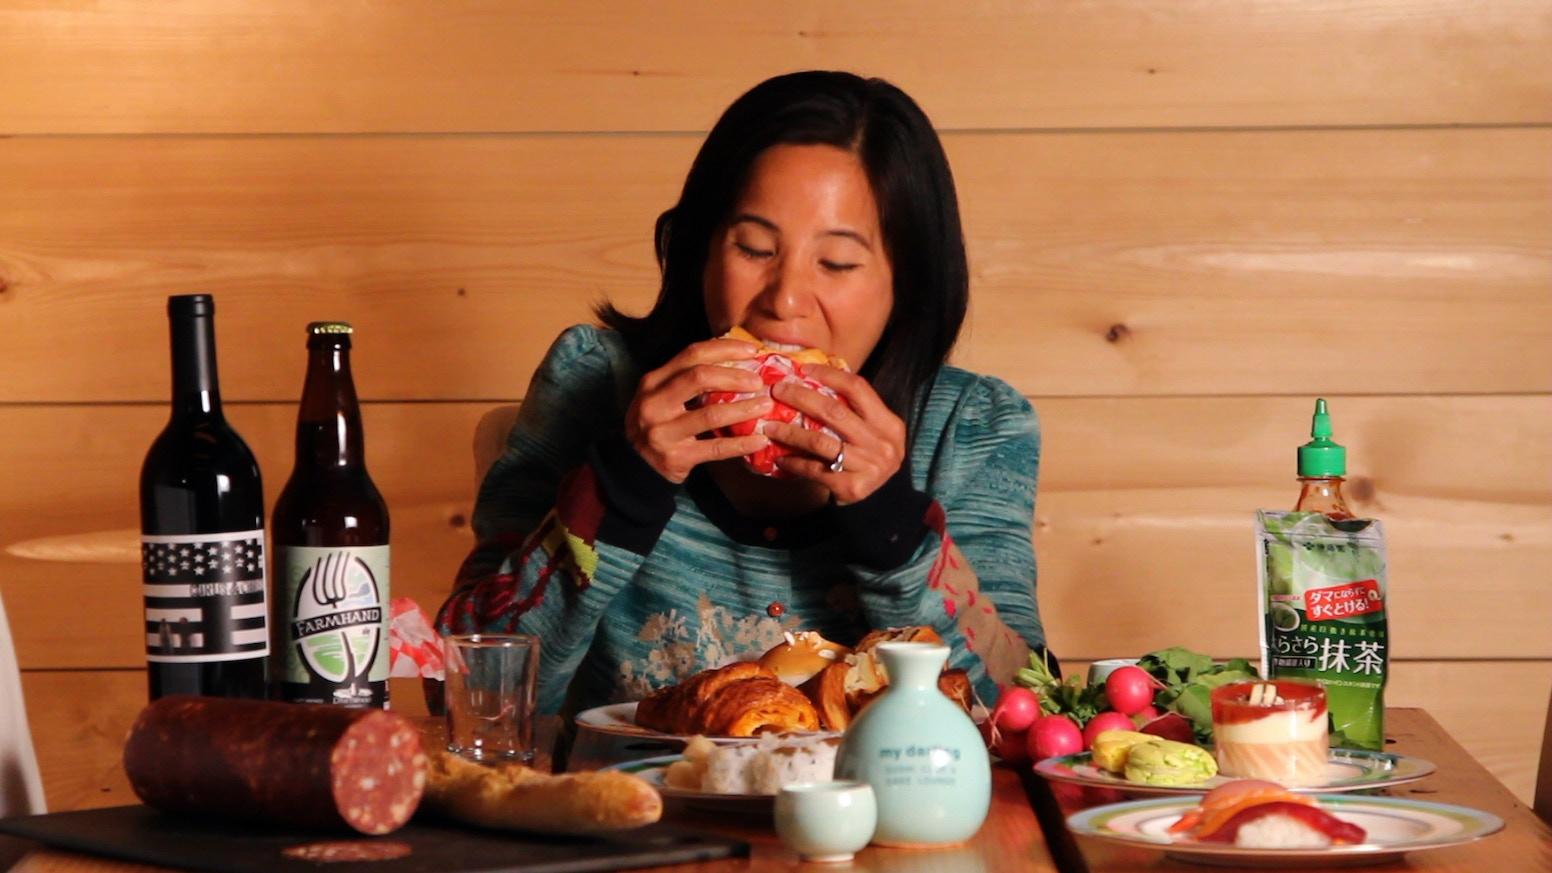 Roll with jen a female anthony bourdain by jen chiu for Food s bar unloc